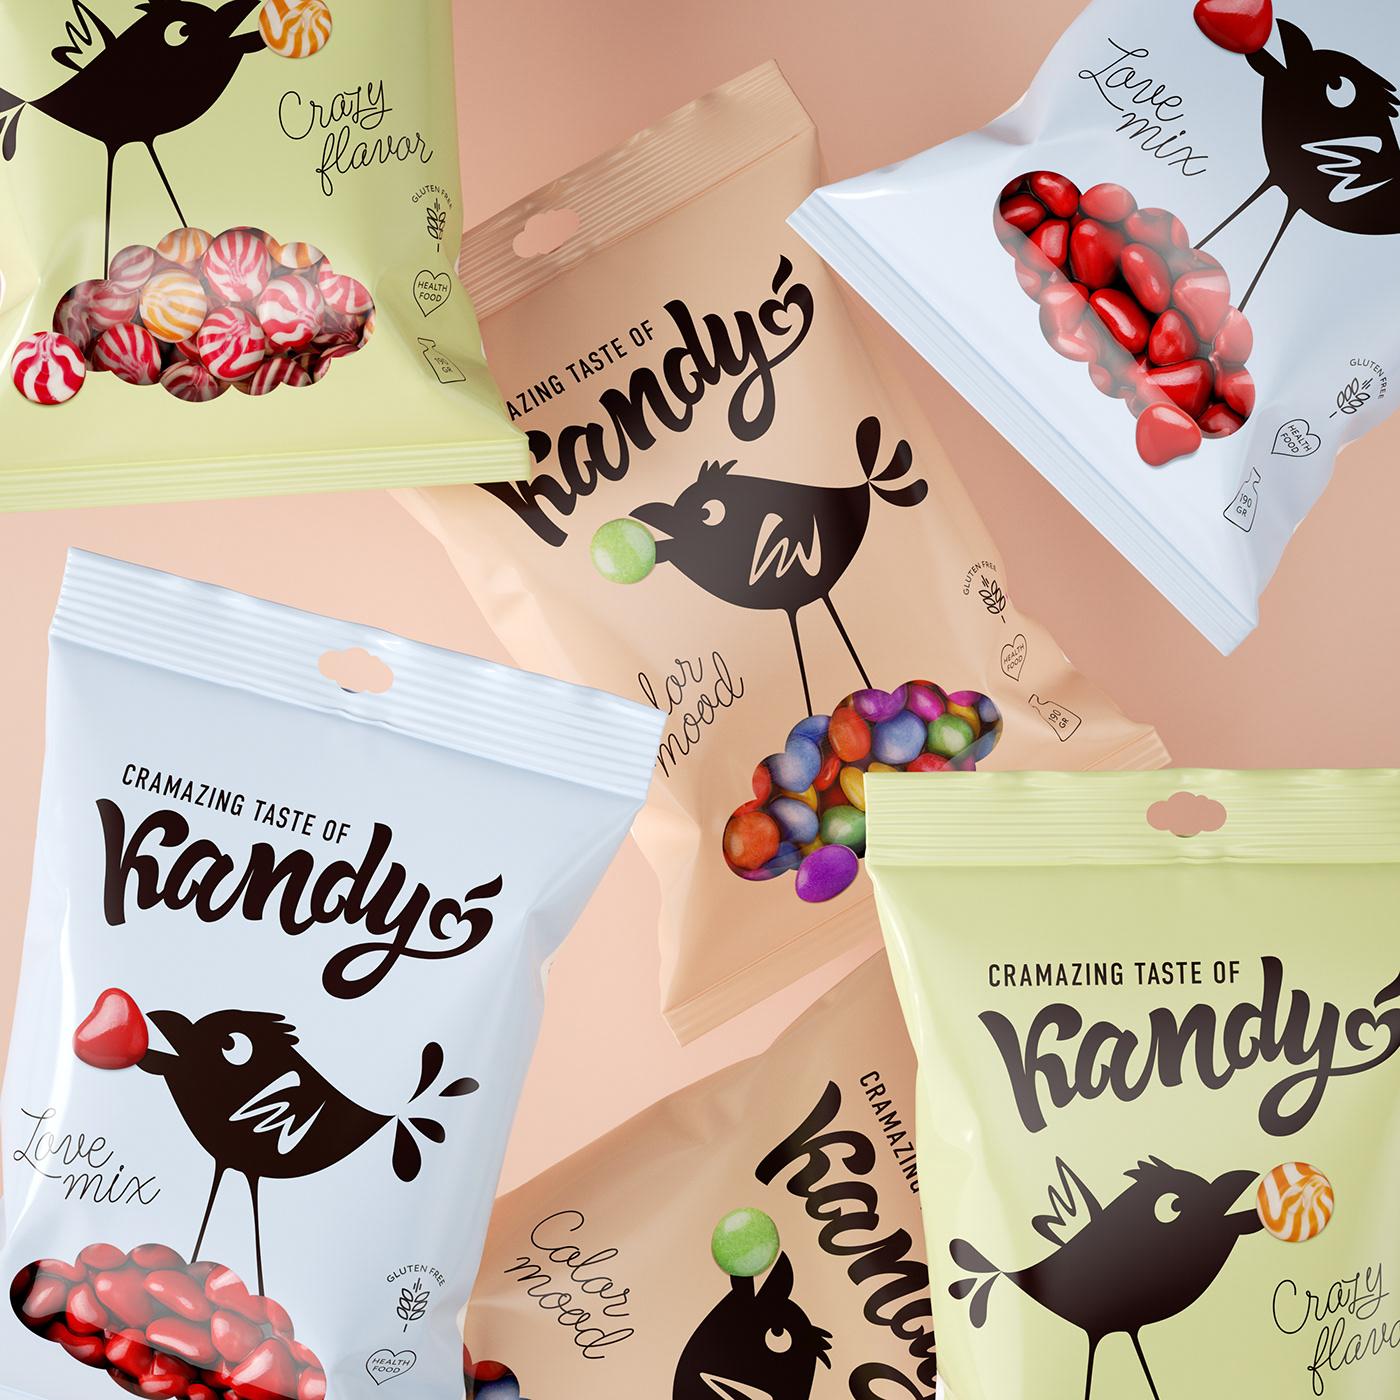 有美感的19款糖果包裝設計欣賞